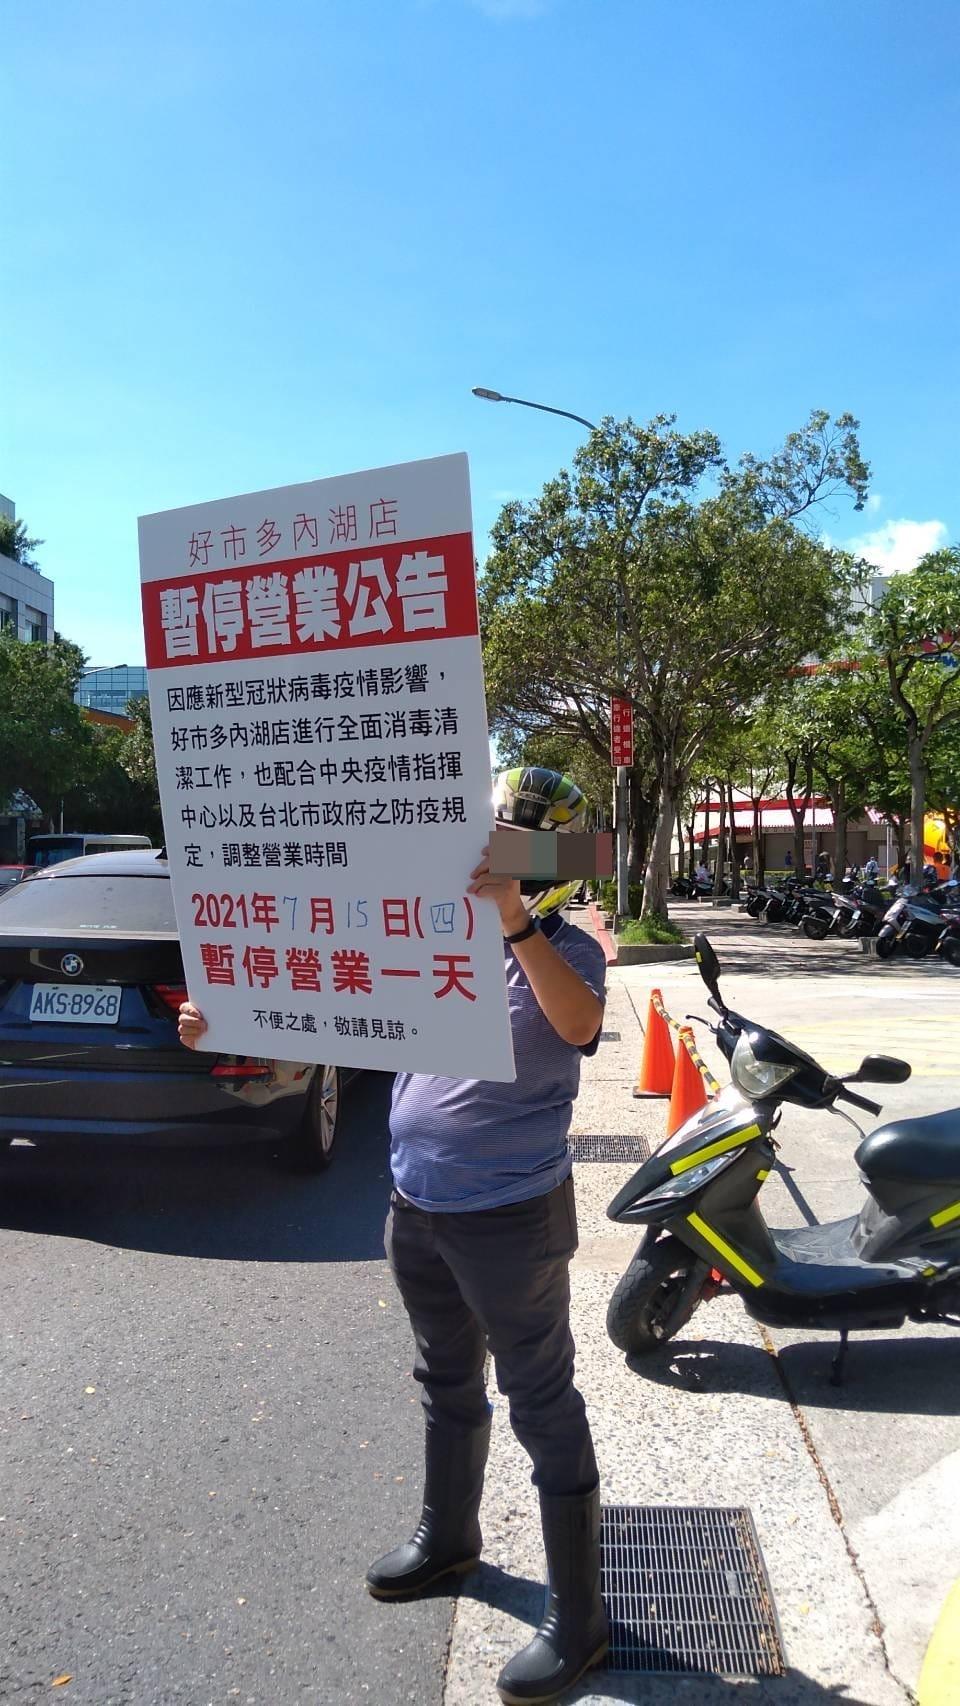 網友貼出內湖好市多公告今臨時暫停營業一天。(翻攝自臉書社團「Costco好市多情報站」)